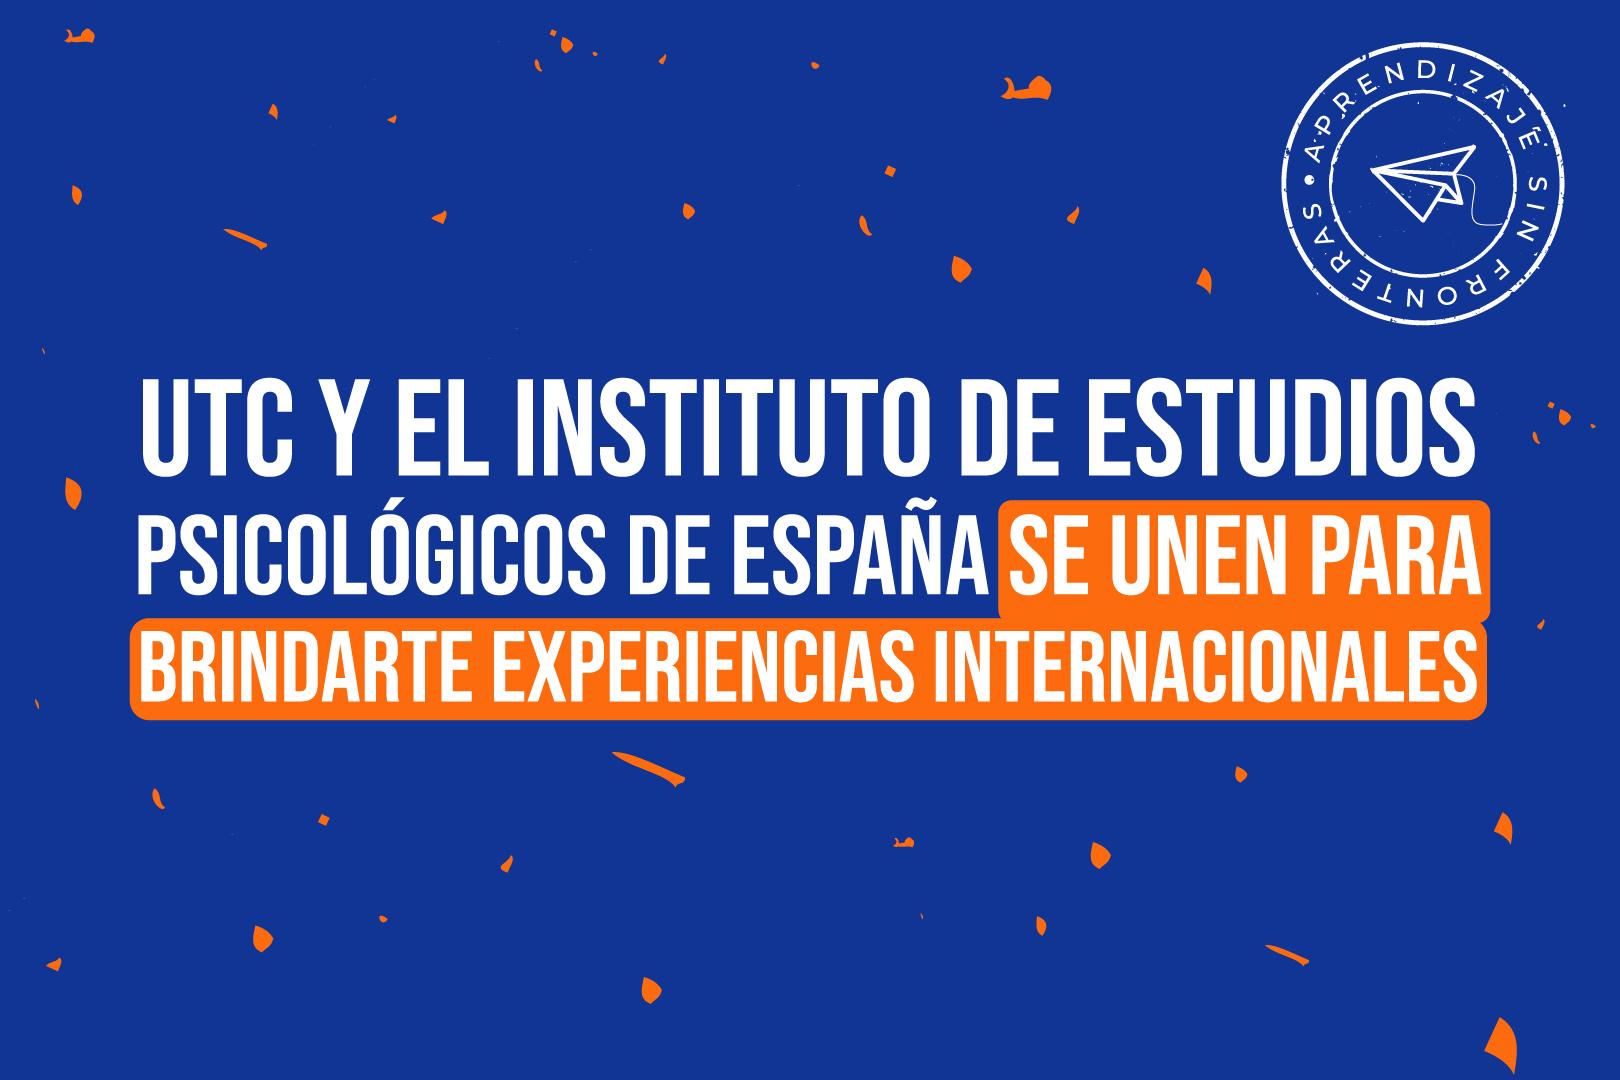 UTC y el ISEP (España) firman convenio de colaboración